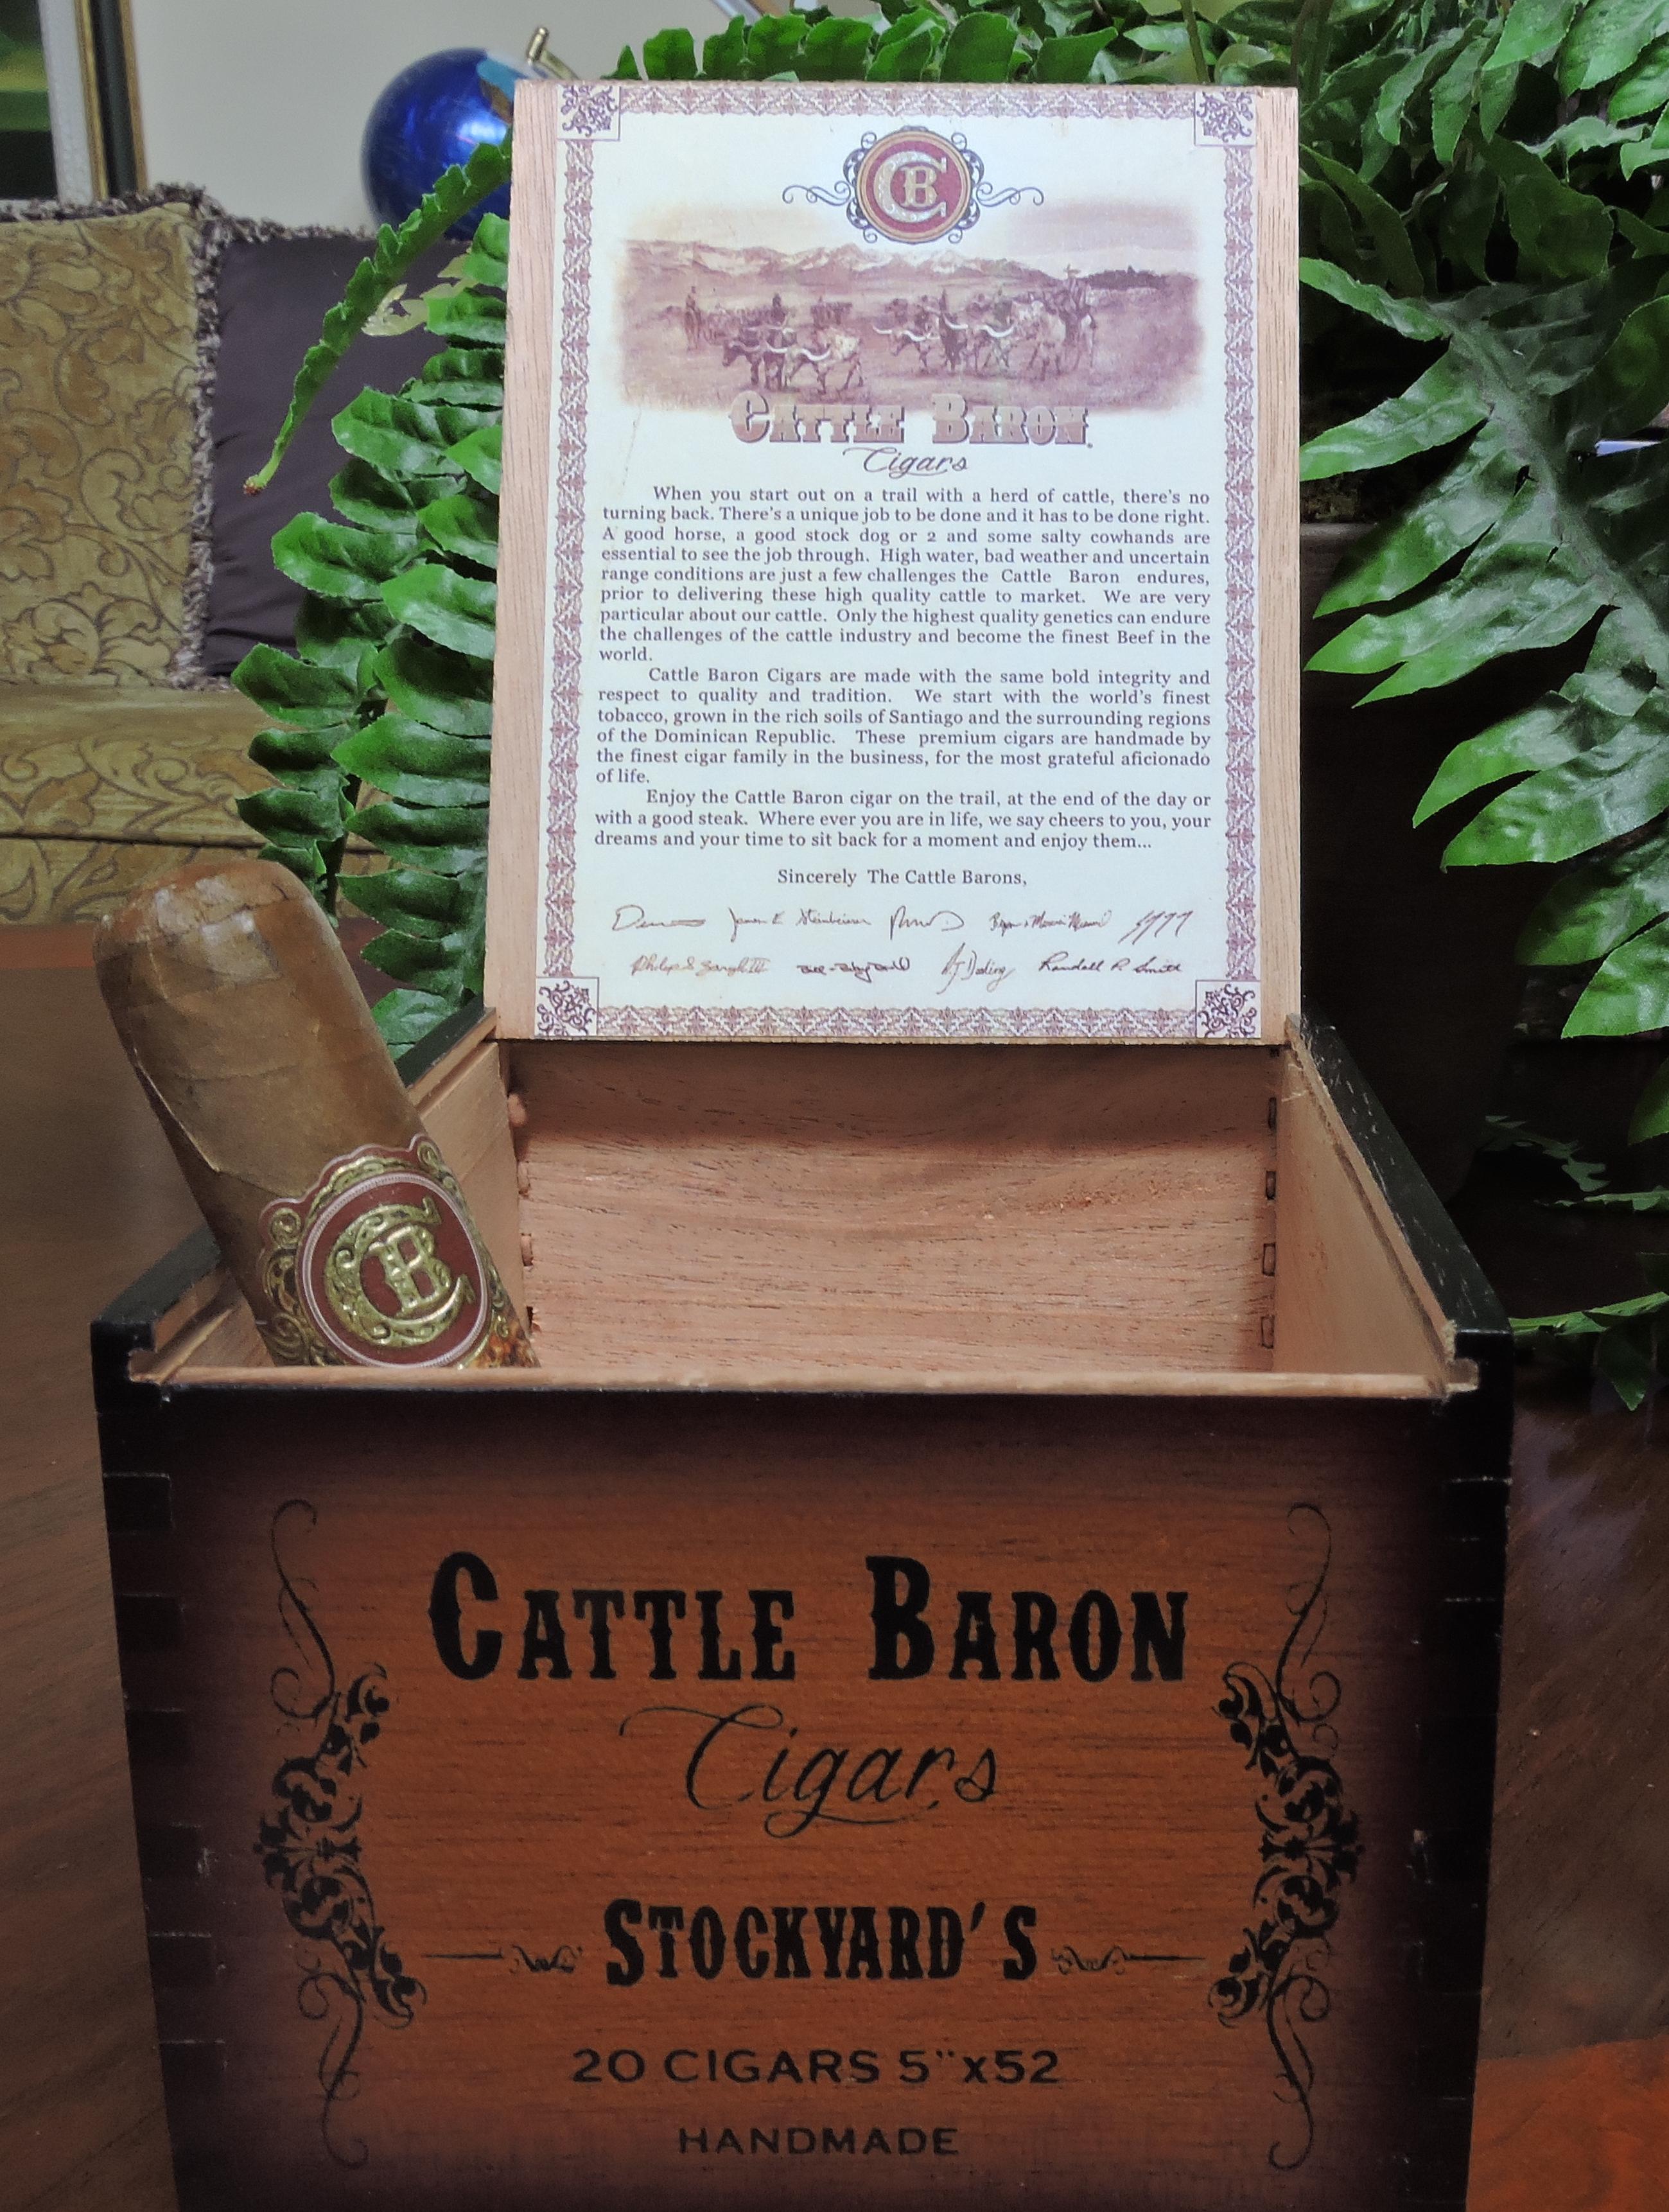 Cattle_Baron_Stockyard's_Box-3